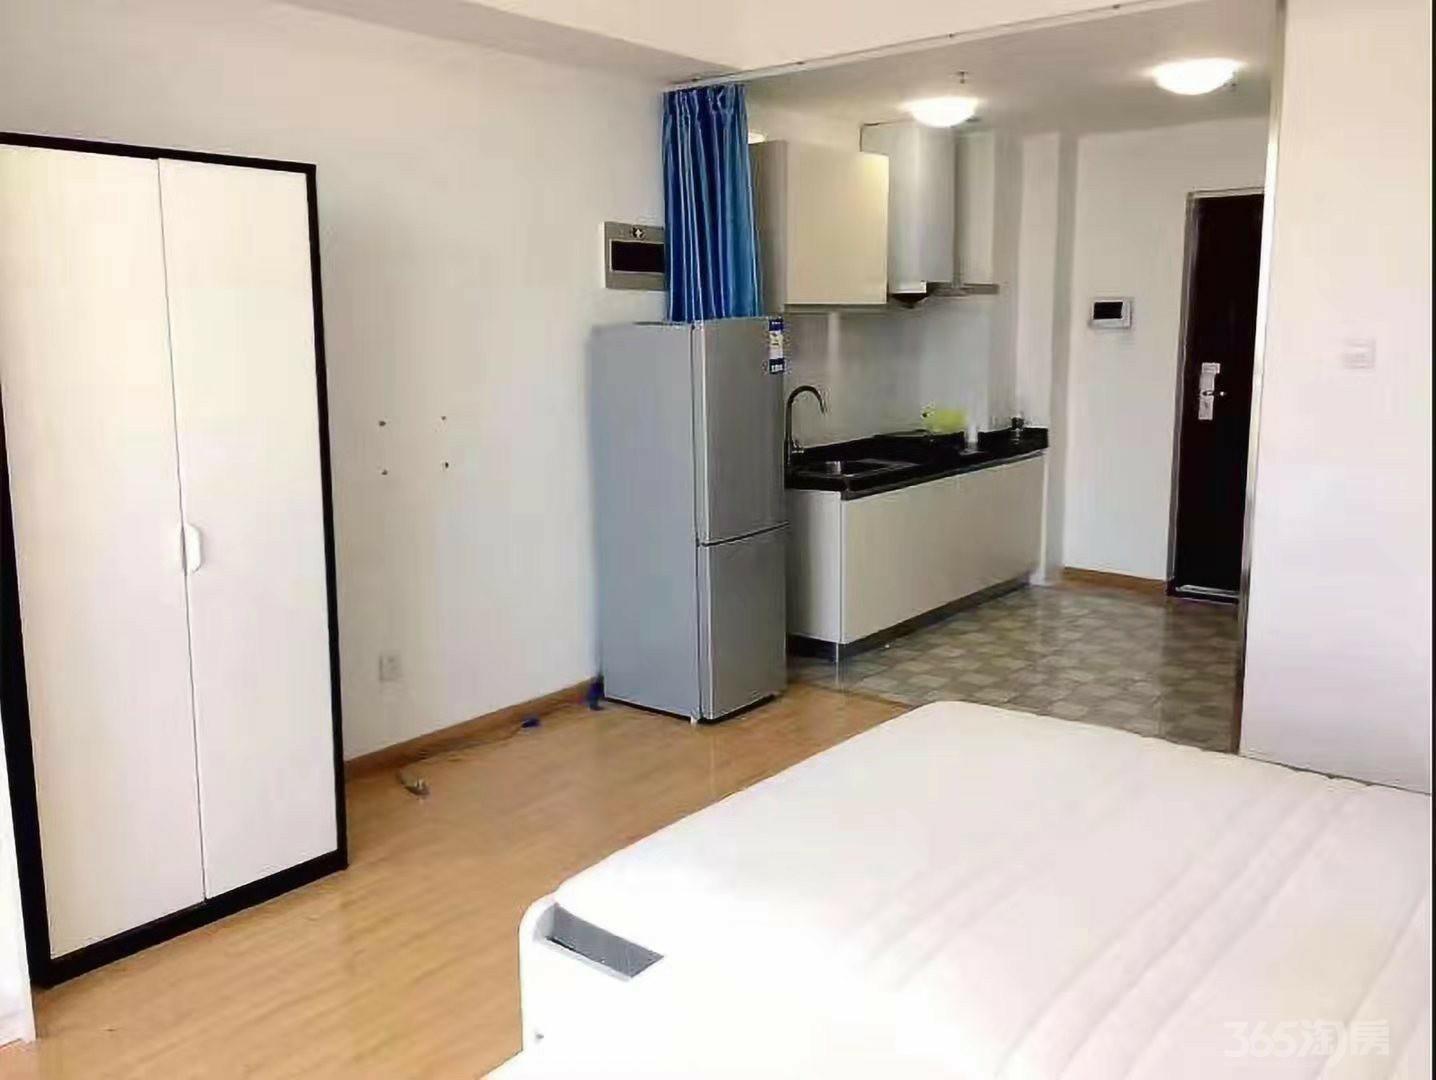 铂悦公寓1室0厅1卫43.5平方米82万元